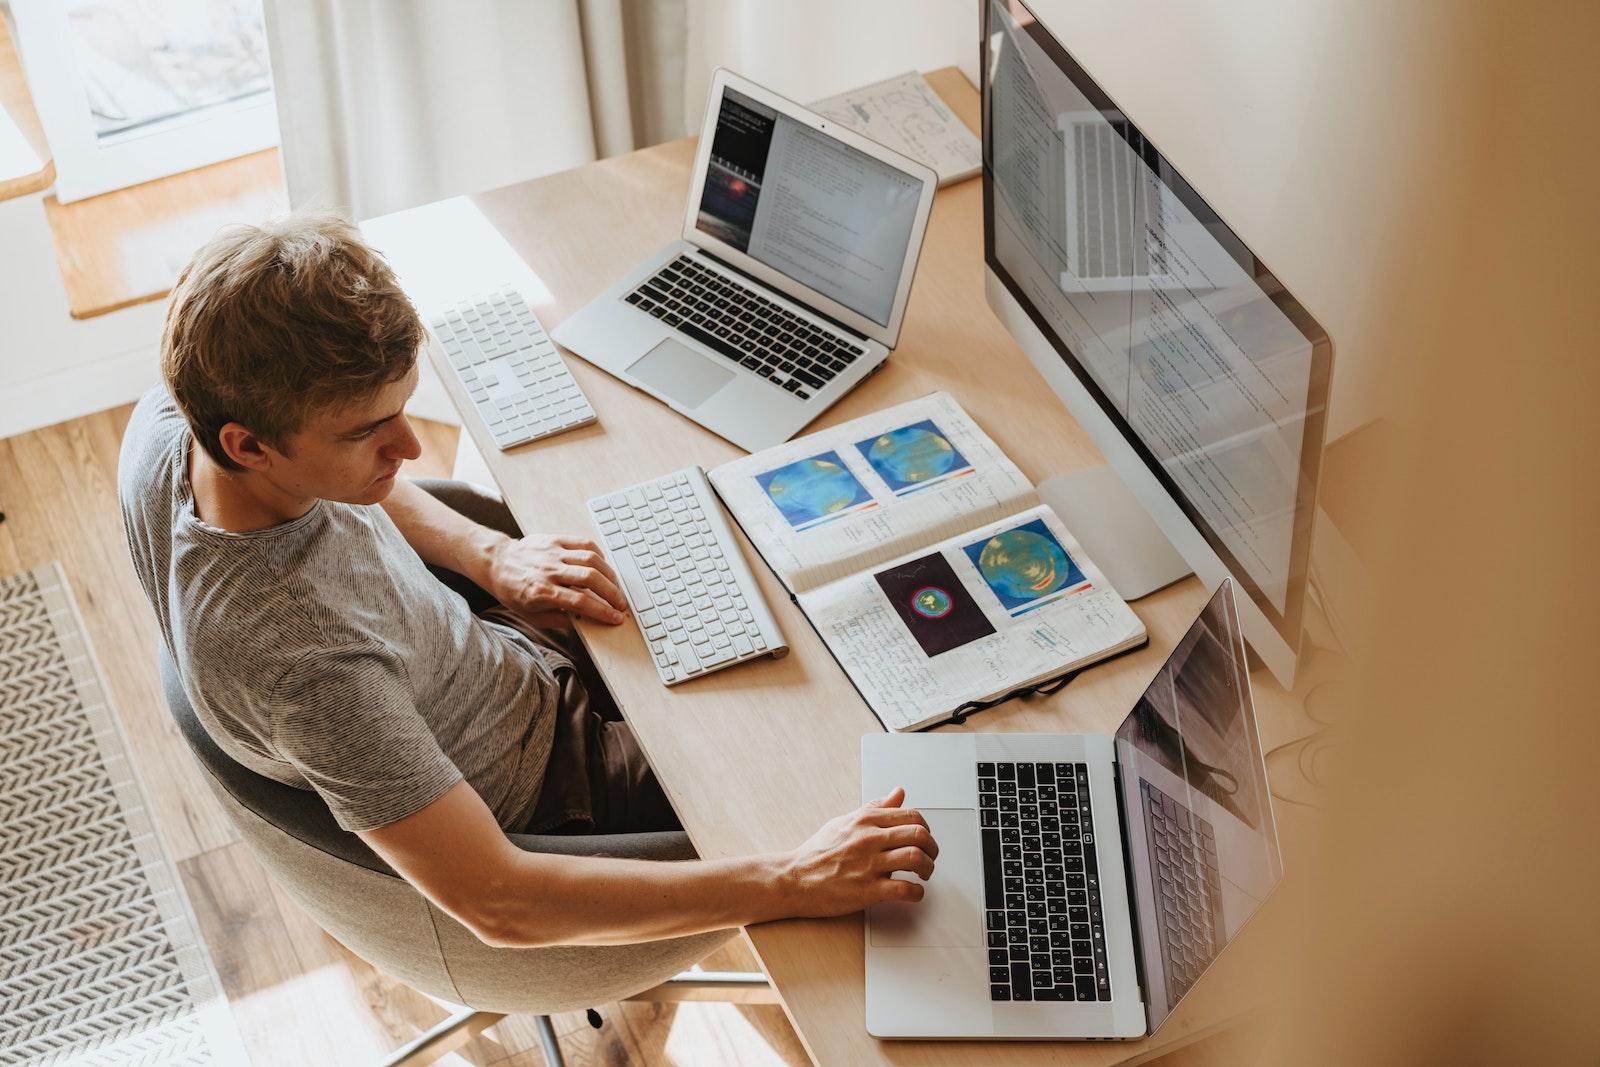 一個男人正在使用三台電腦設備工作